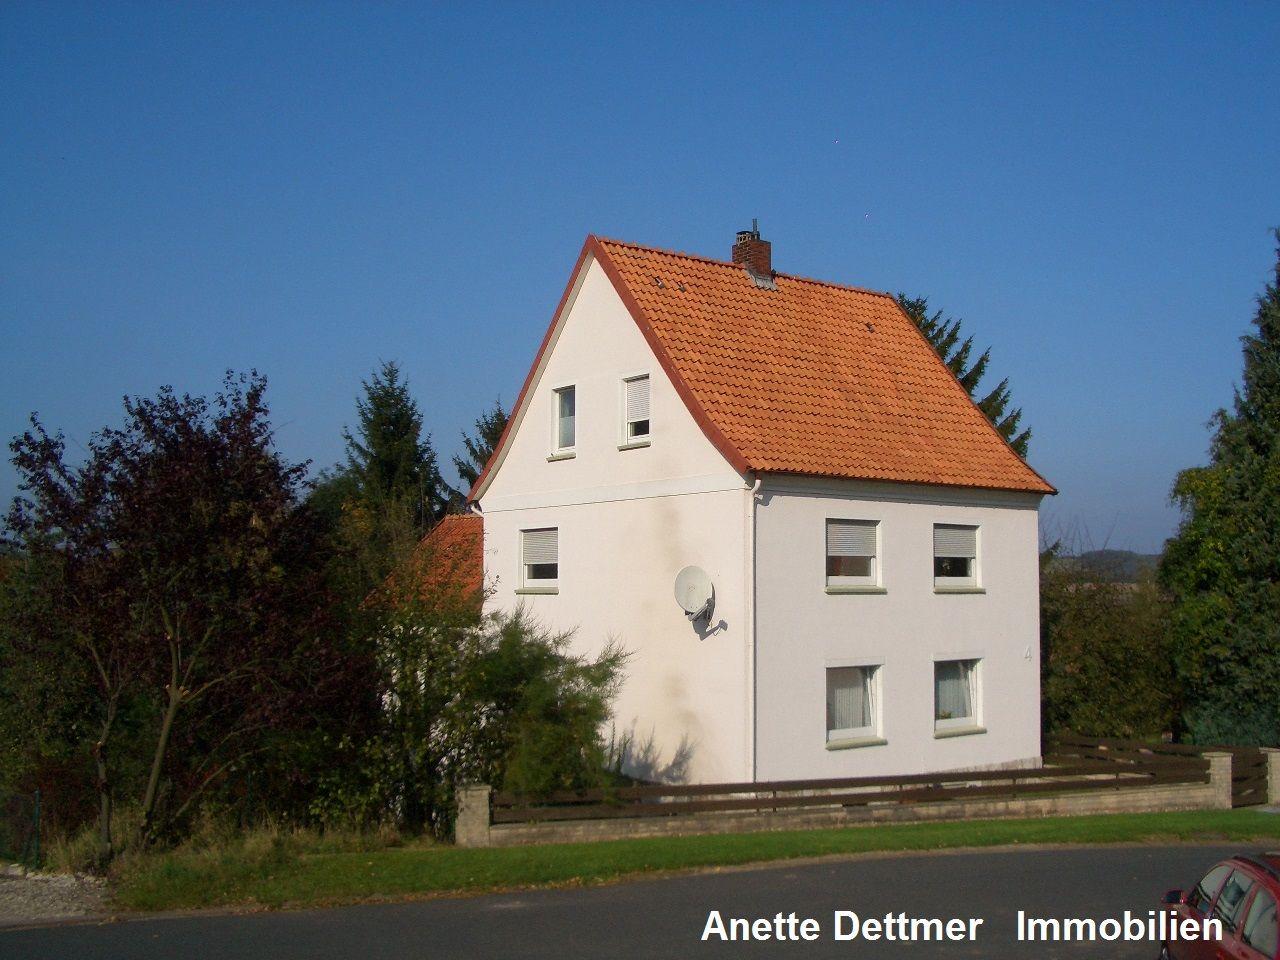 Verkauft Einfamilienhaus In Alfeld Ot Dehnsen Immobilien Style At Home Immobilienmakler